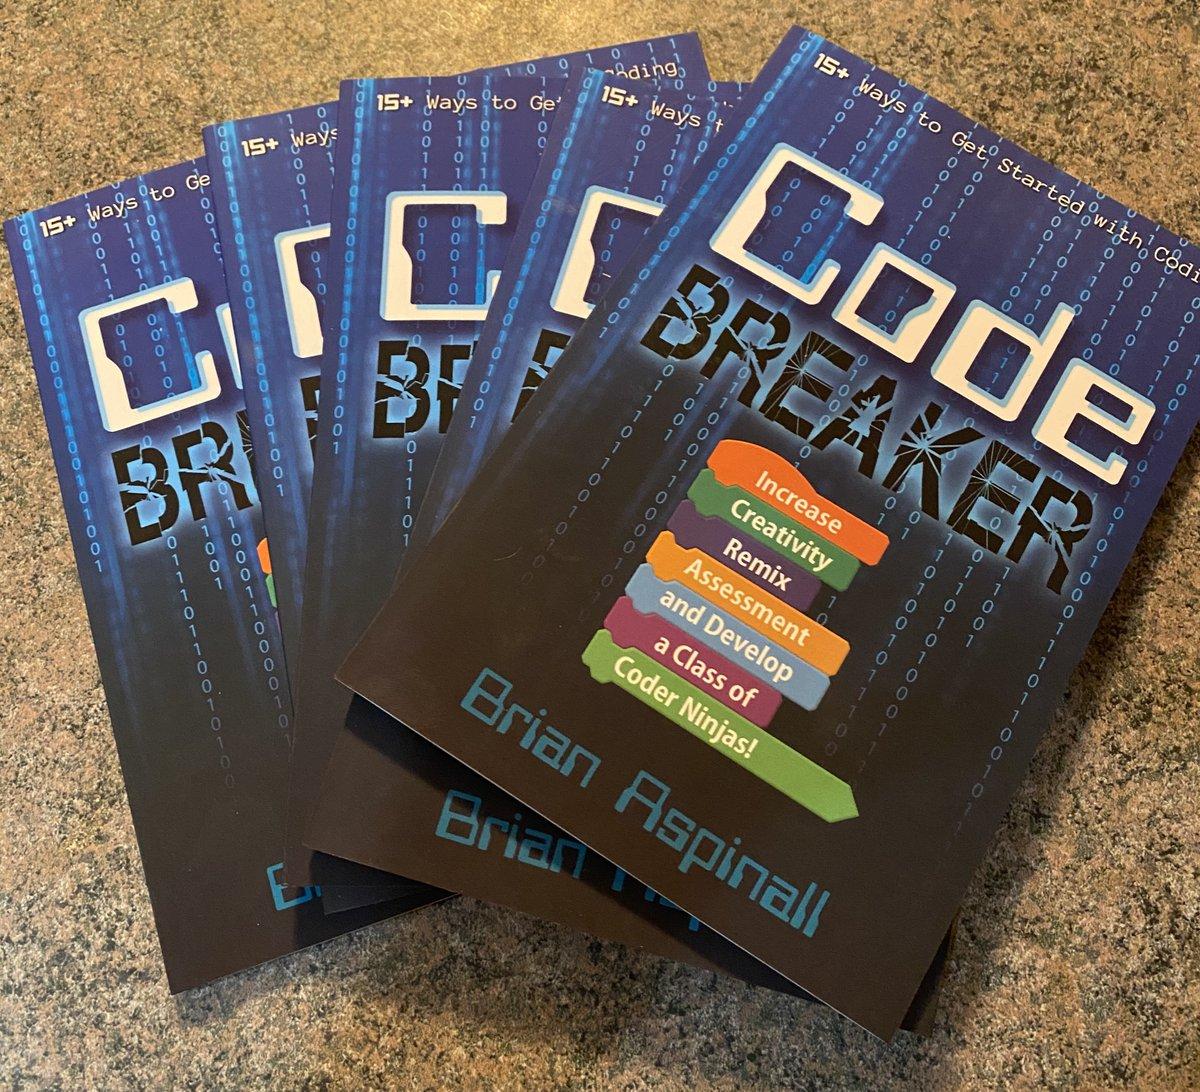 2020 Code Breaker Book Giveaway!